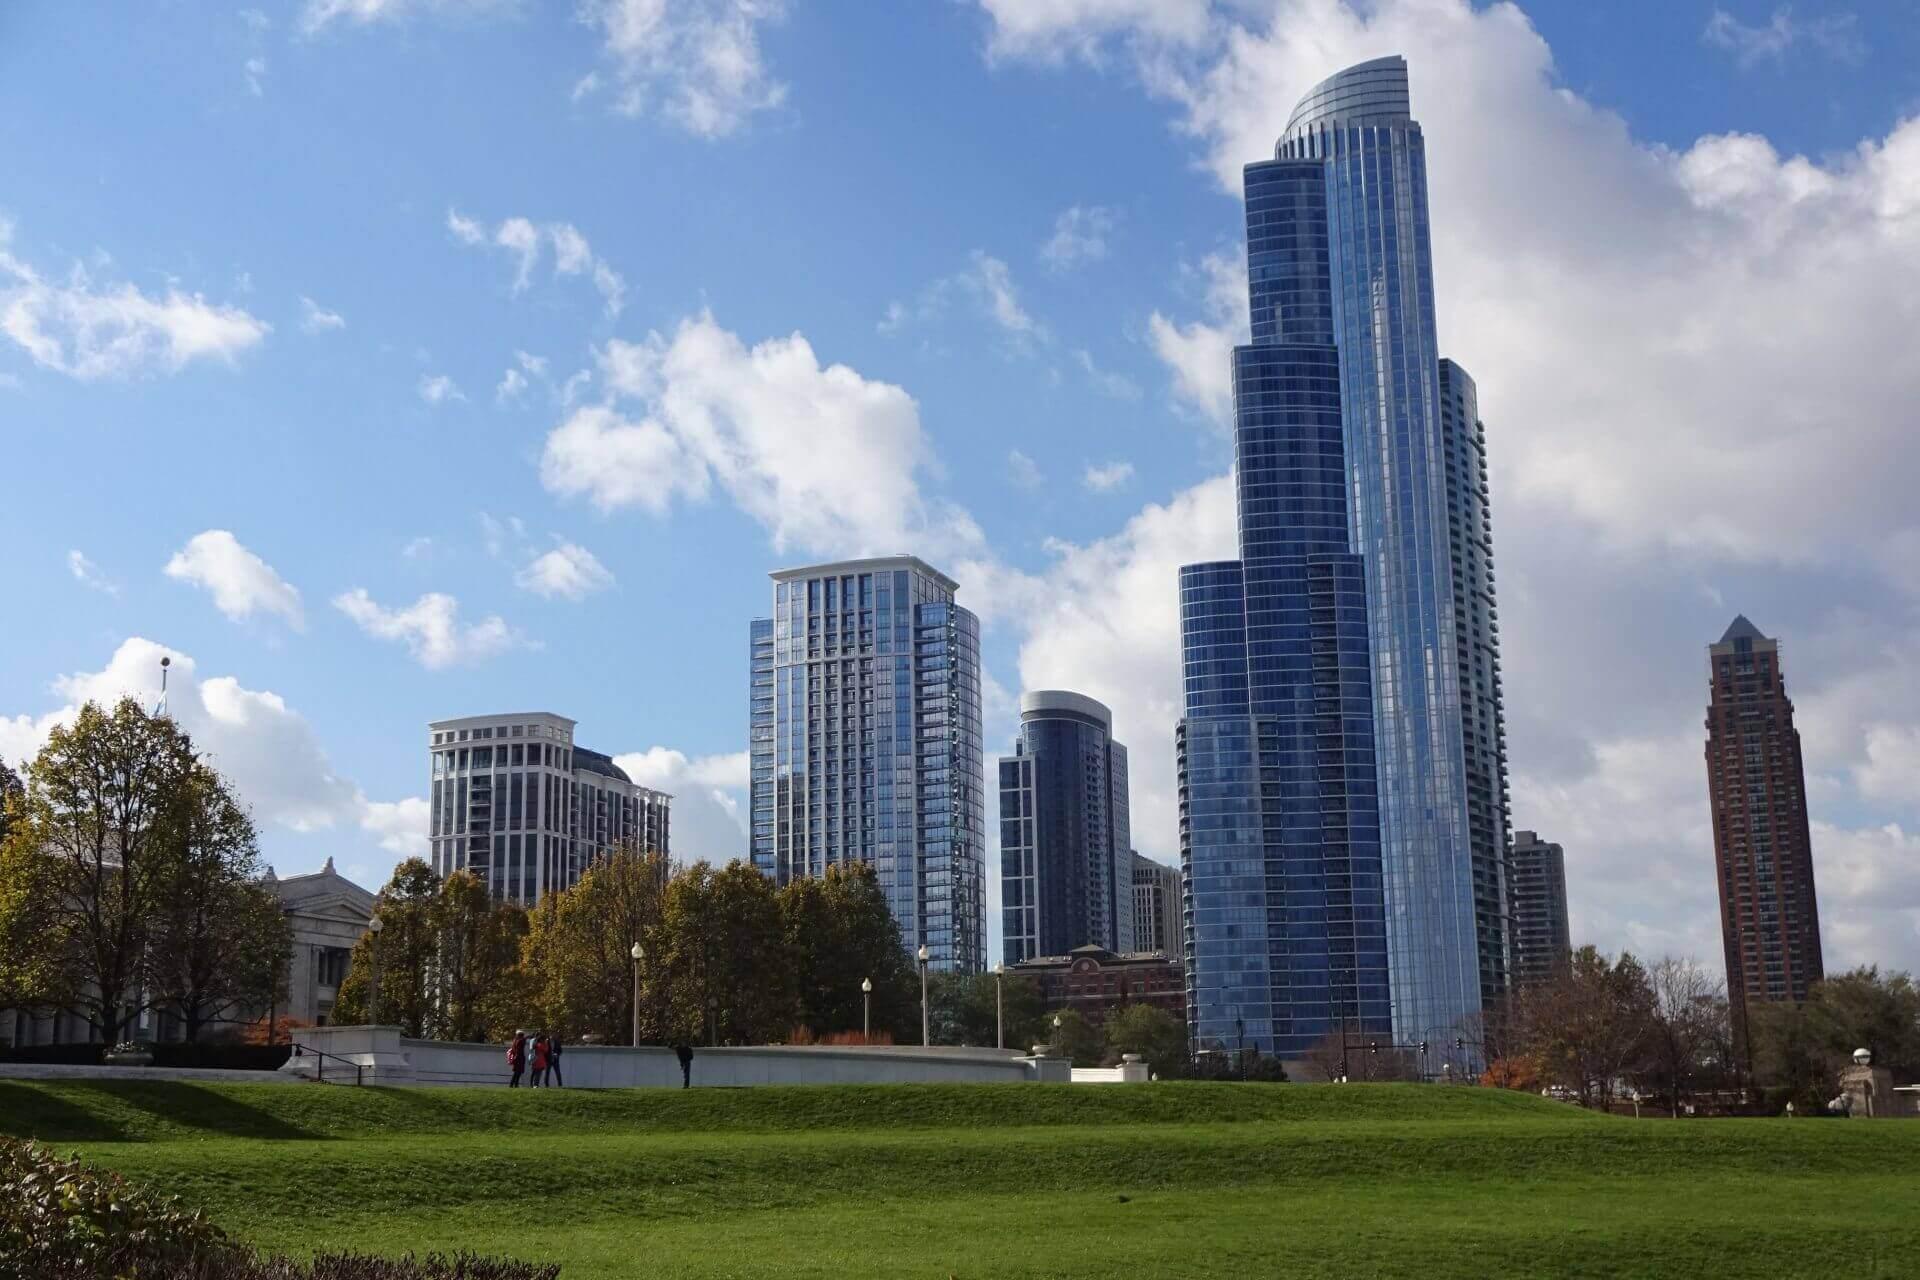 Skyline. Bilder und Eindrücke aus Chicago, Illinois, United States.